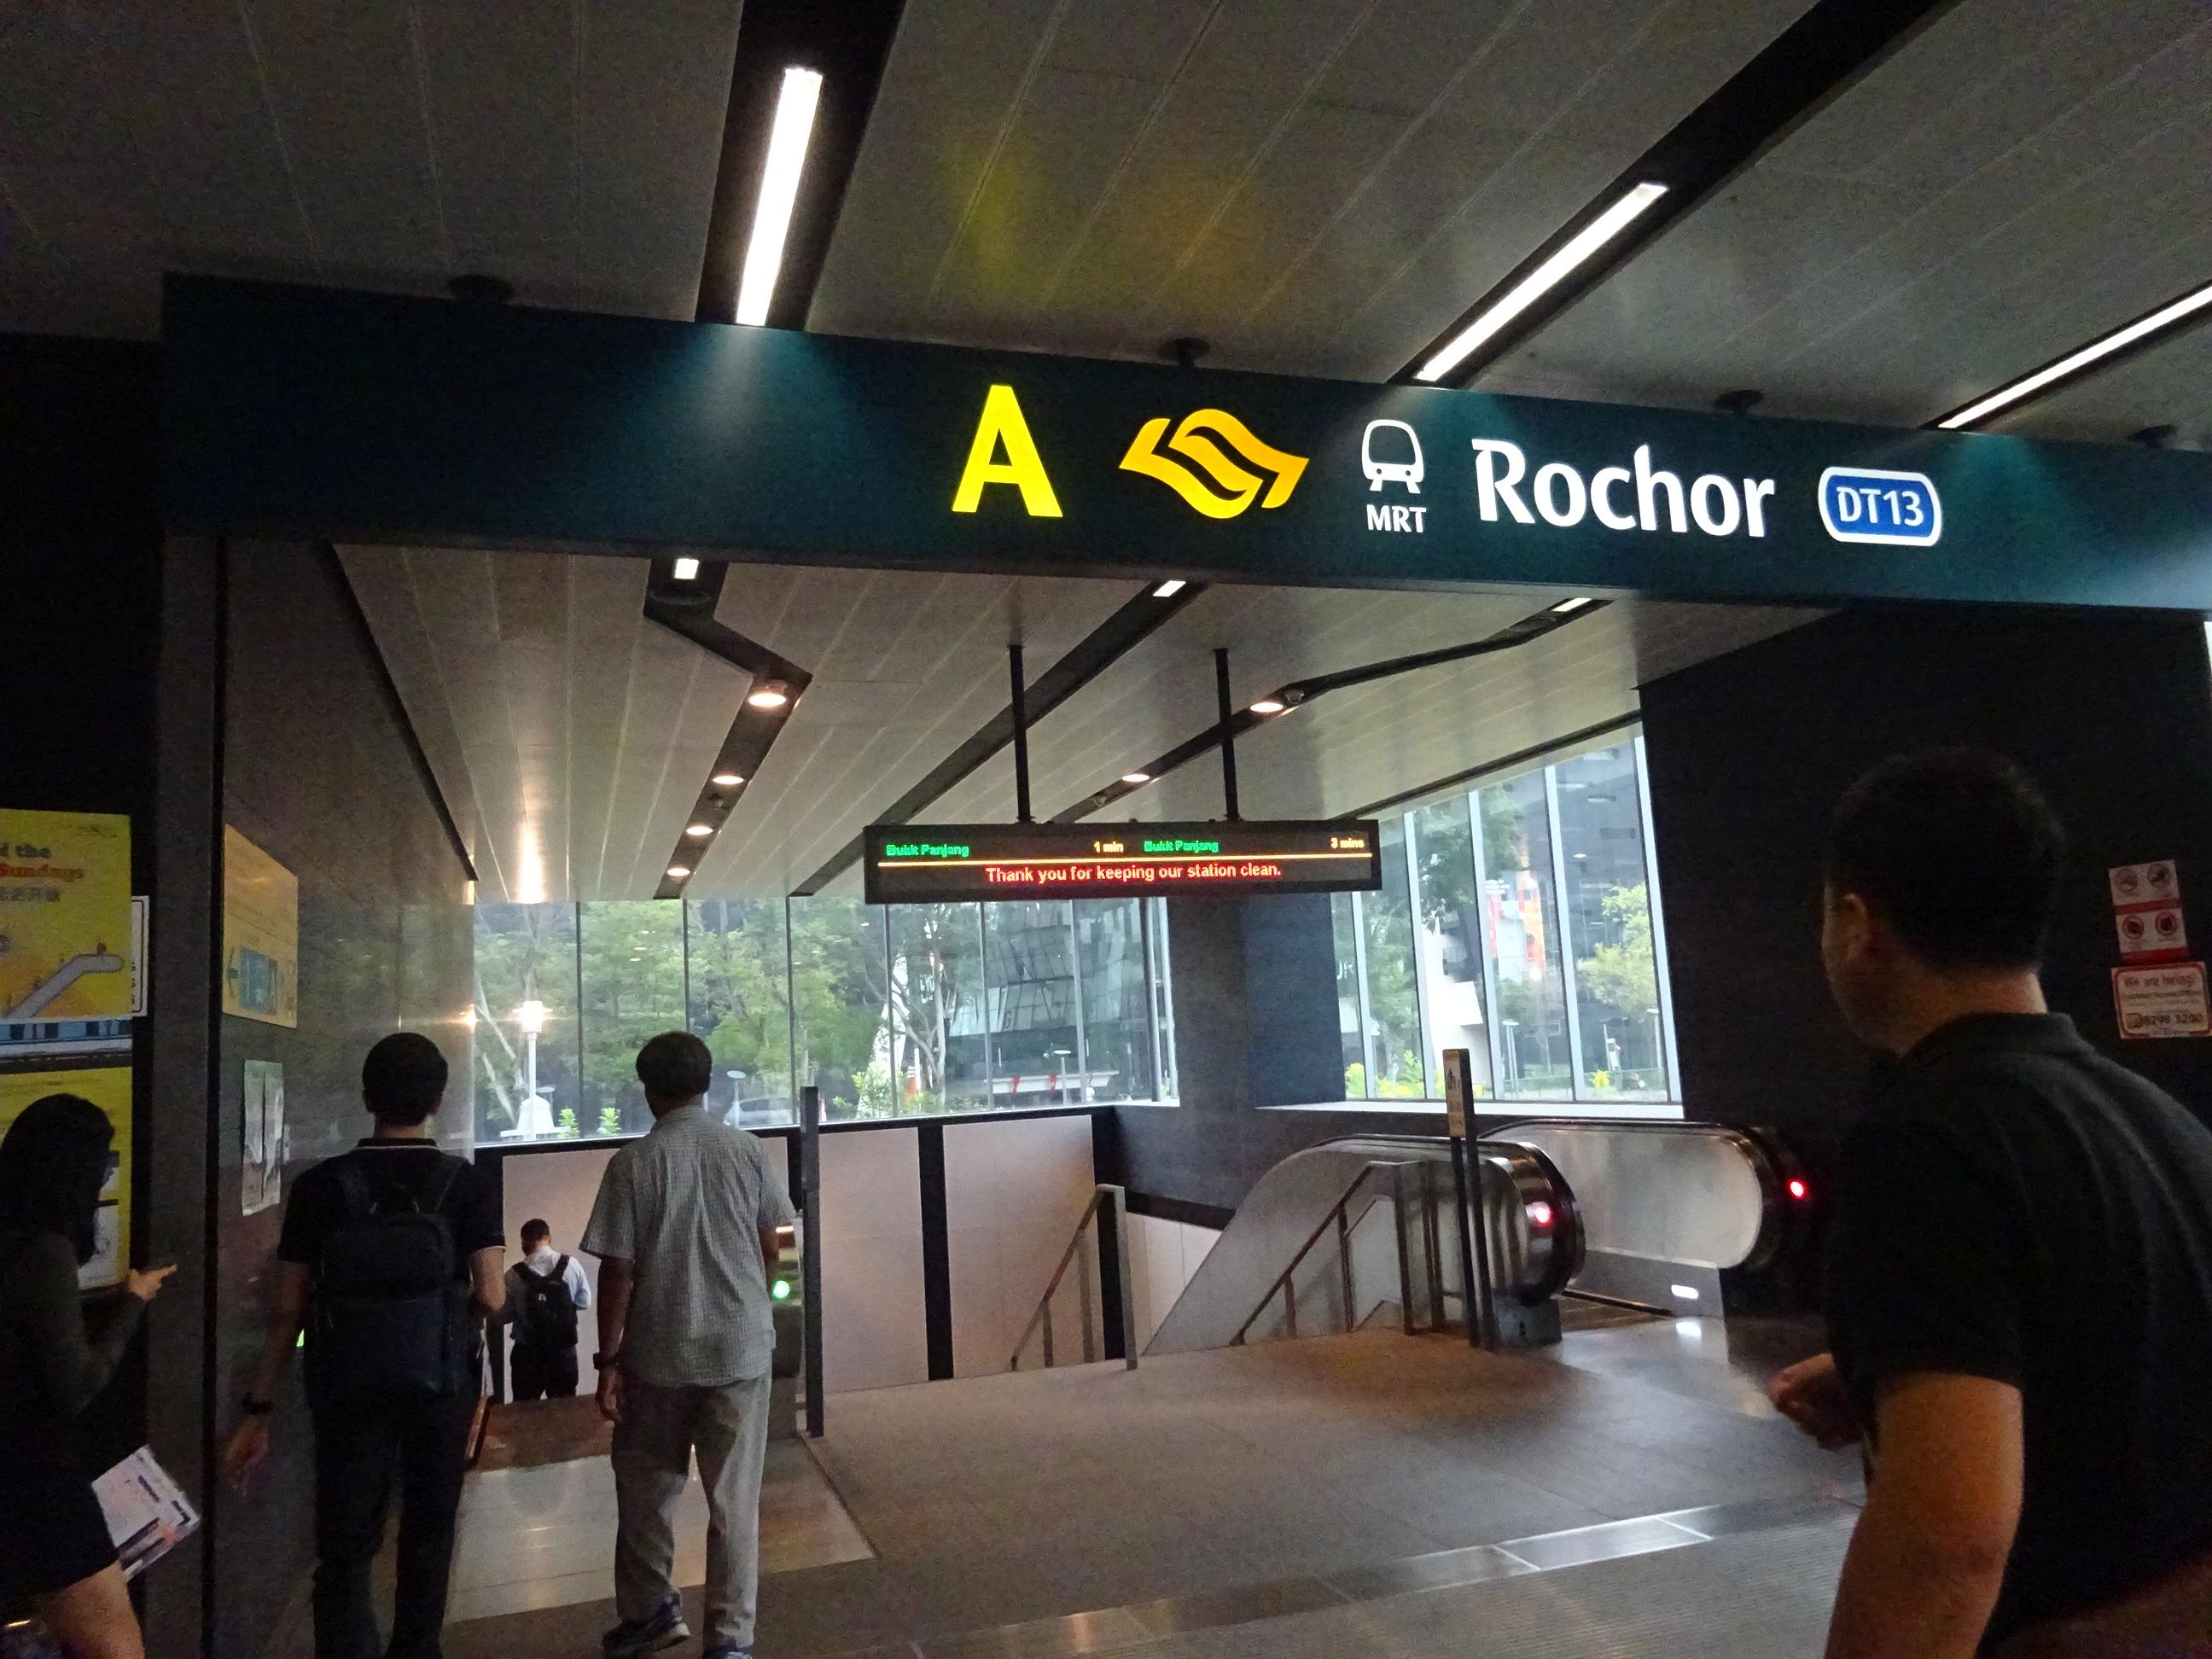 シンガポールの地下鉄の駅